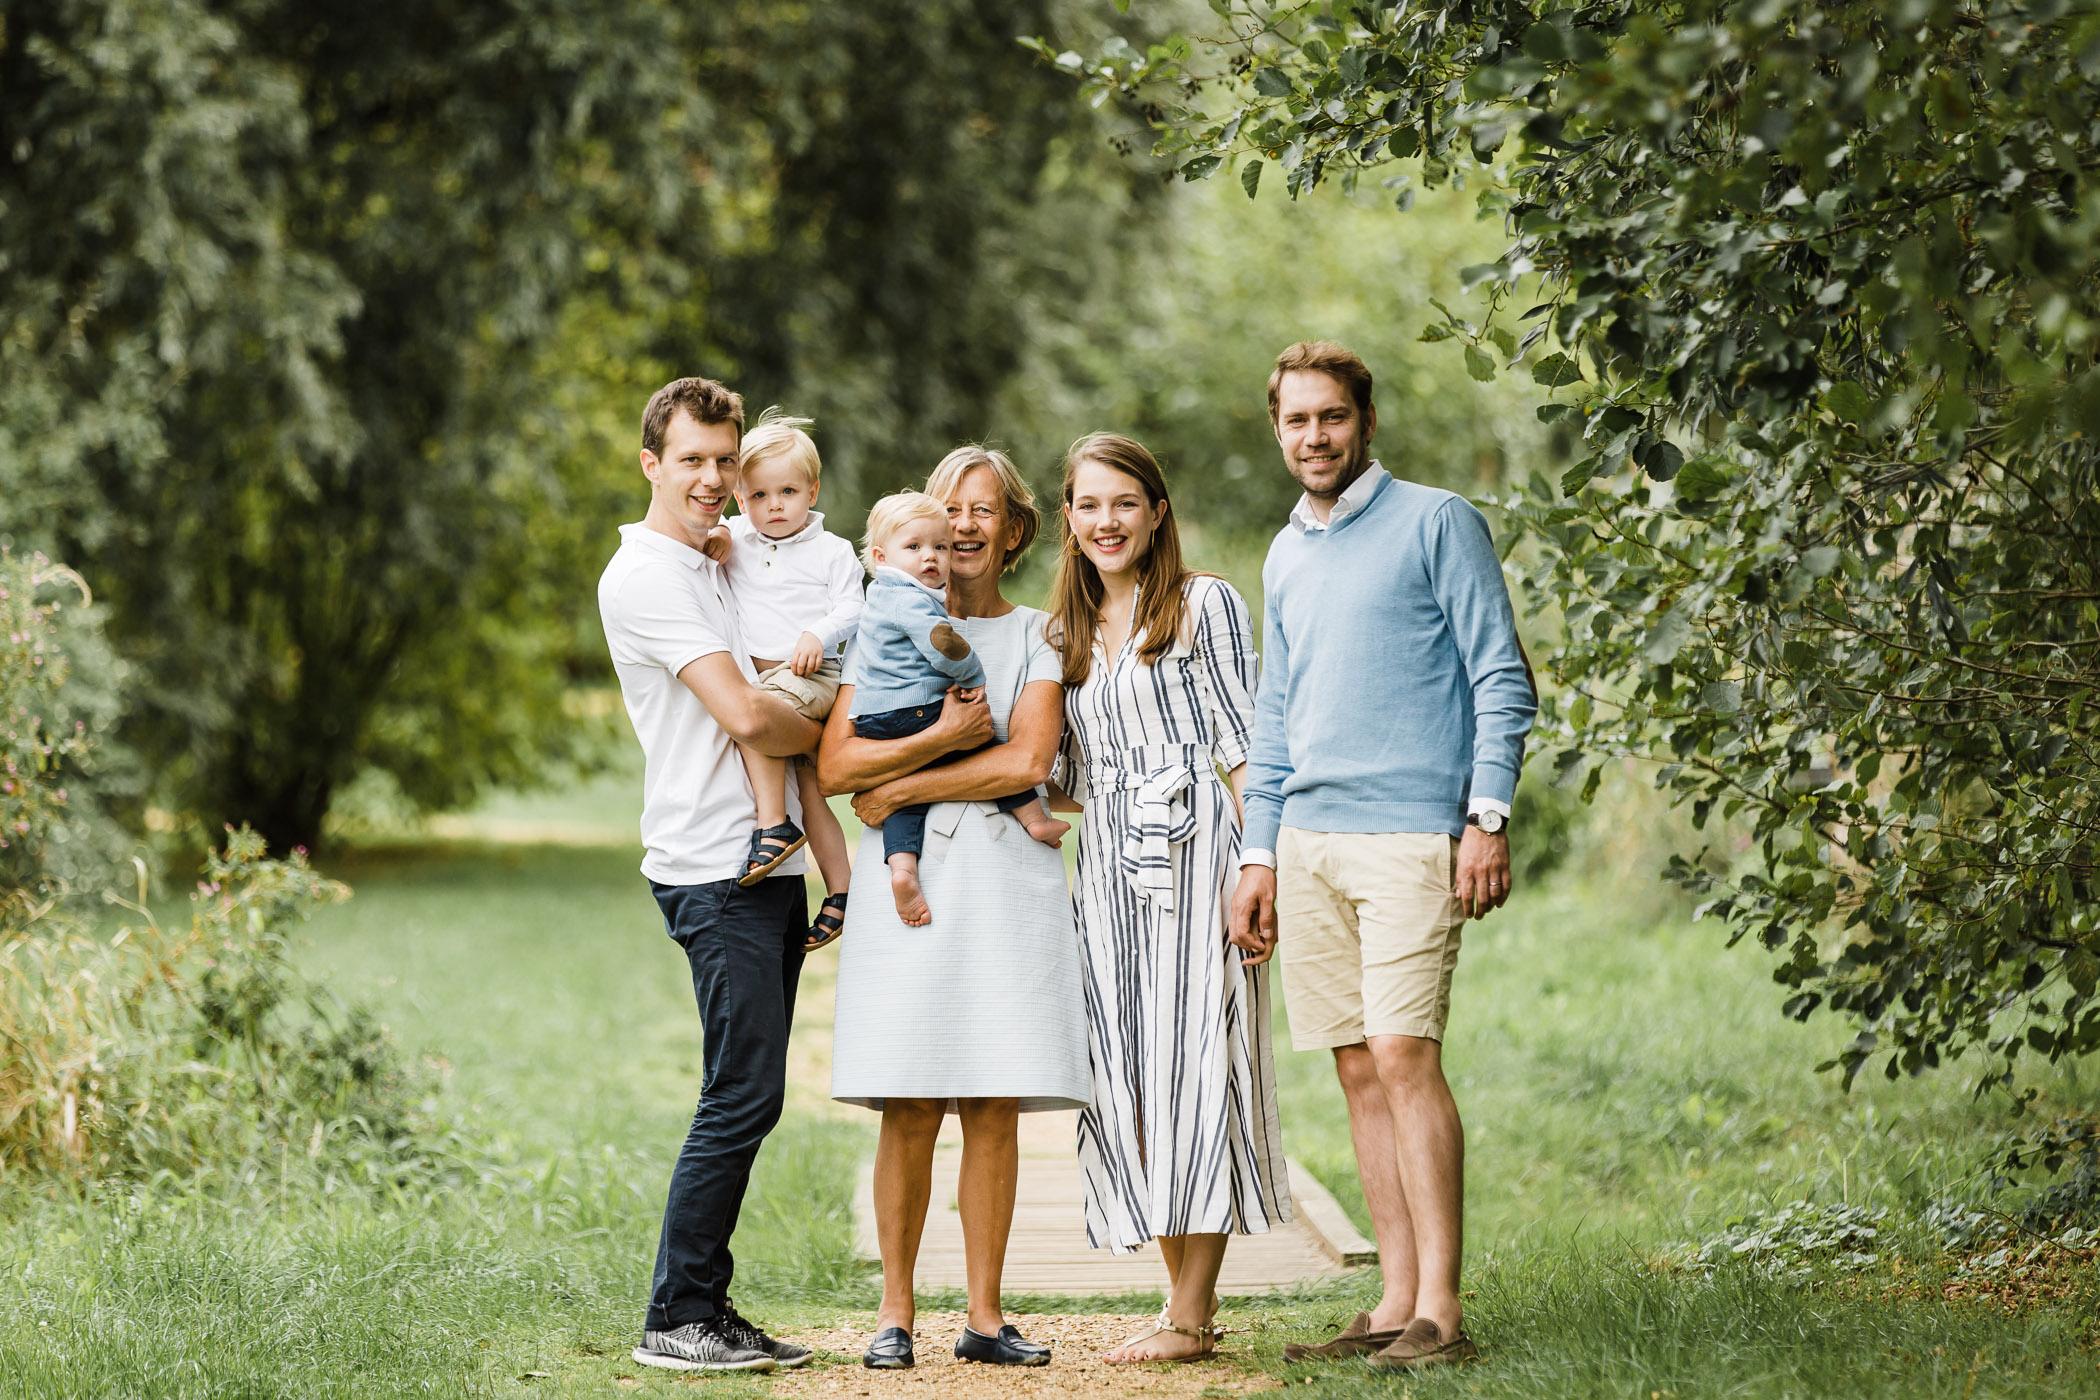 Family Vaermans